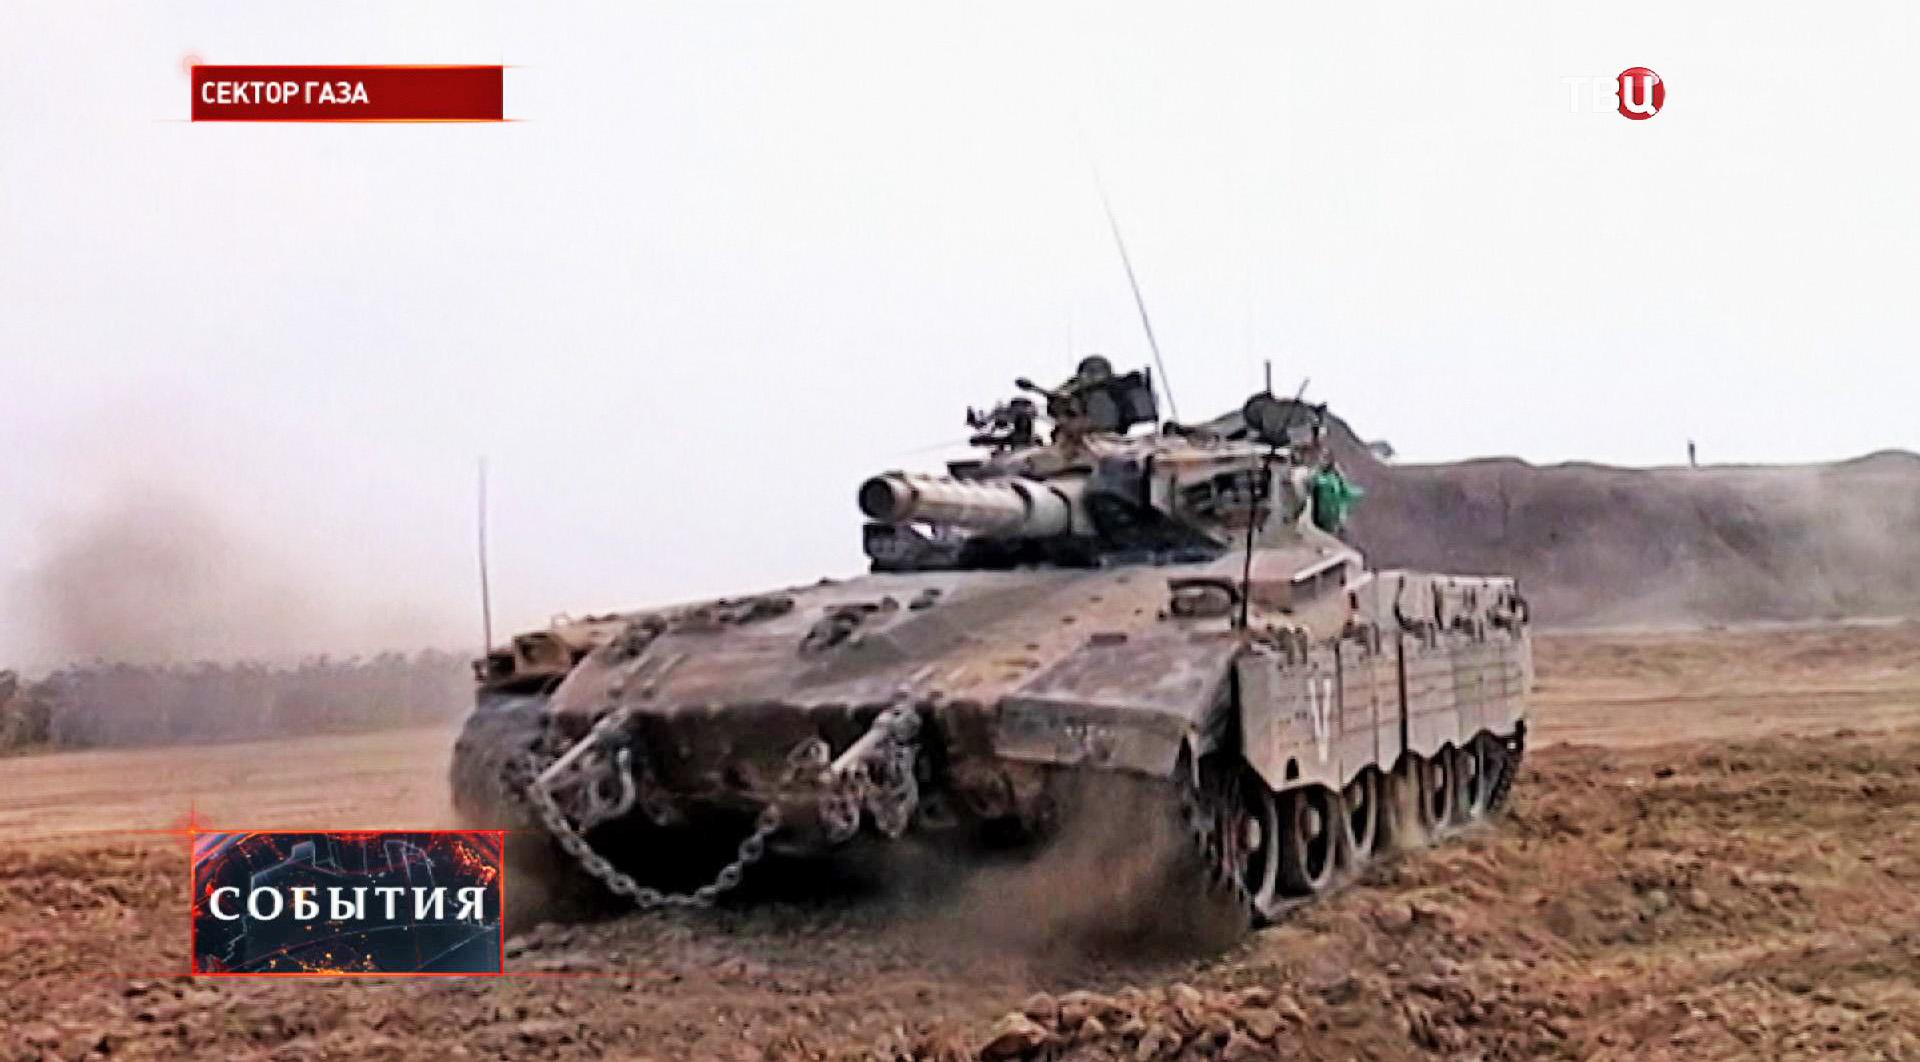 Танк израильской армии